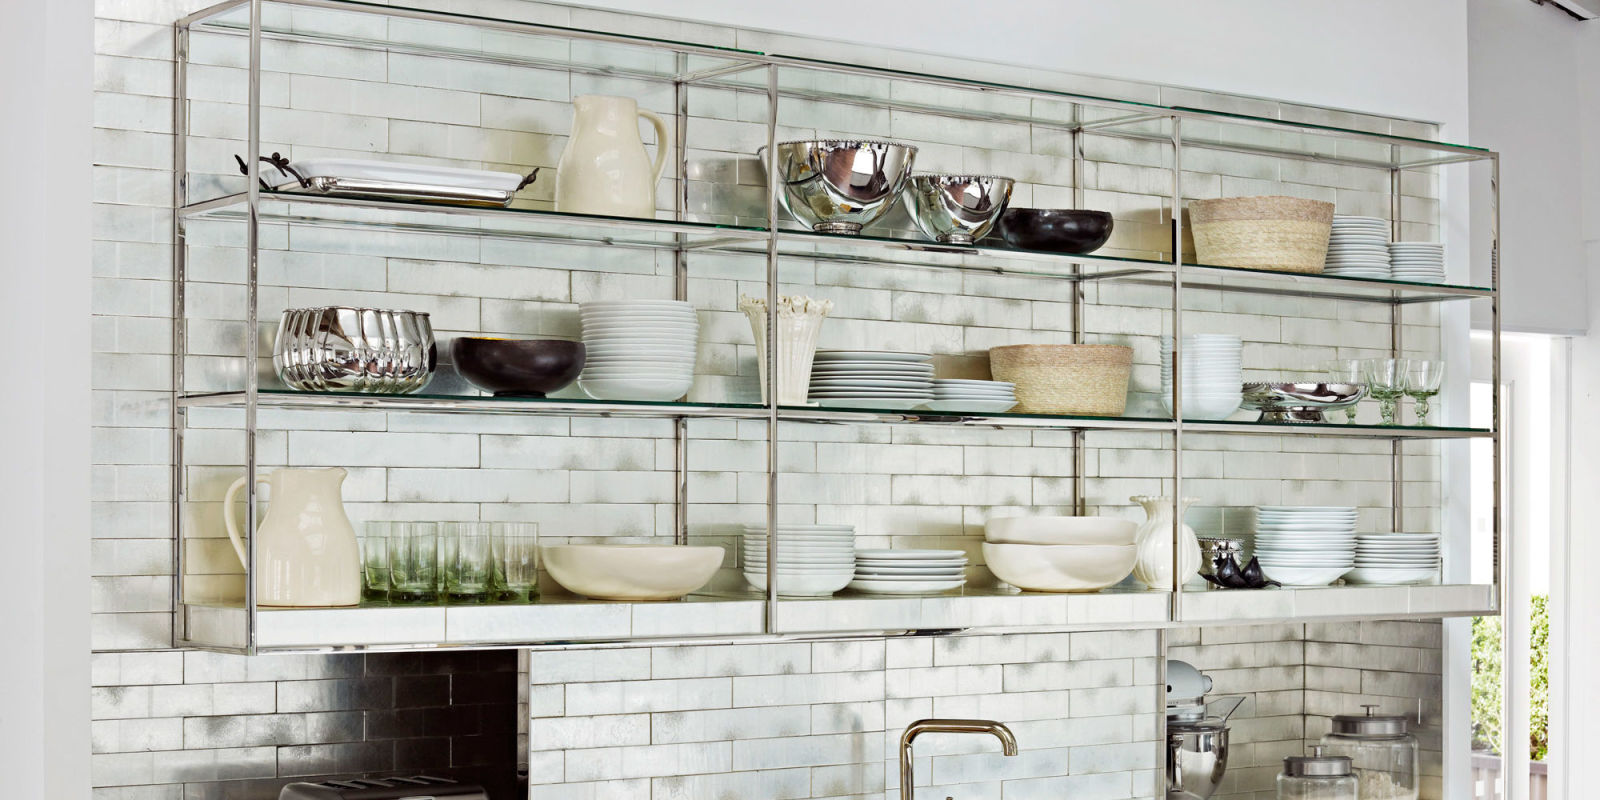 Полки вместо навесного шкафа: варианты дизайна кухонного гарнитура